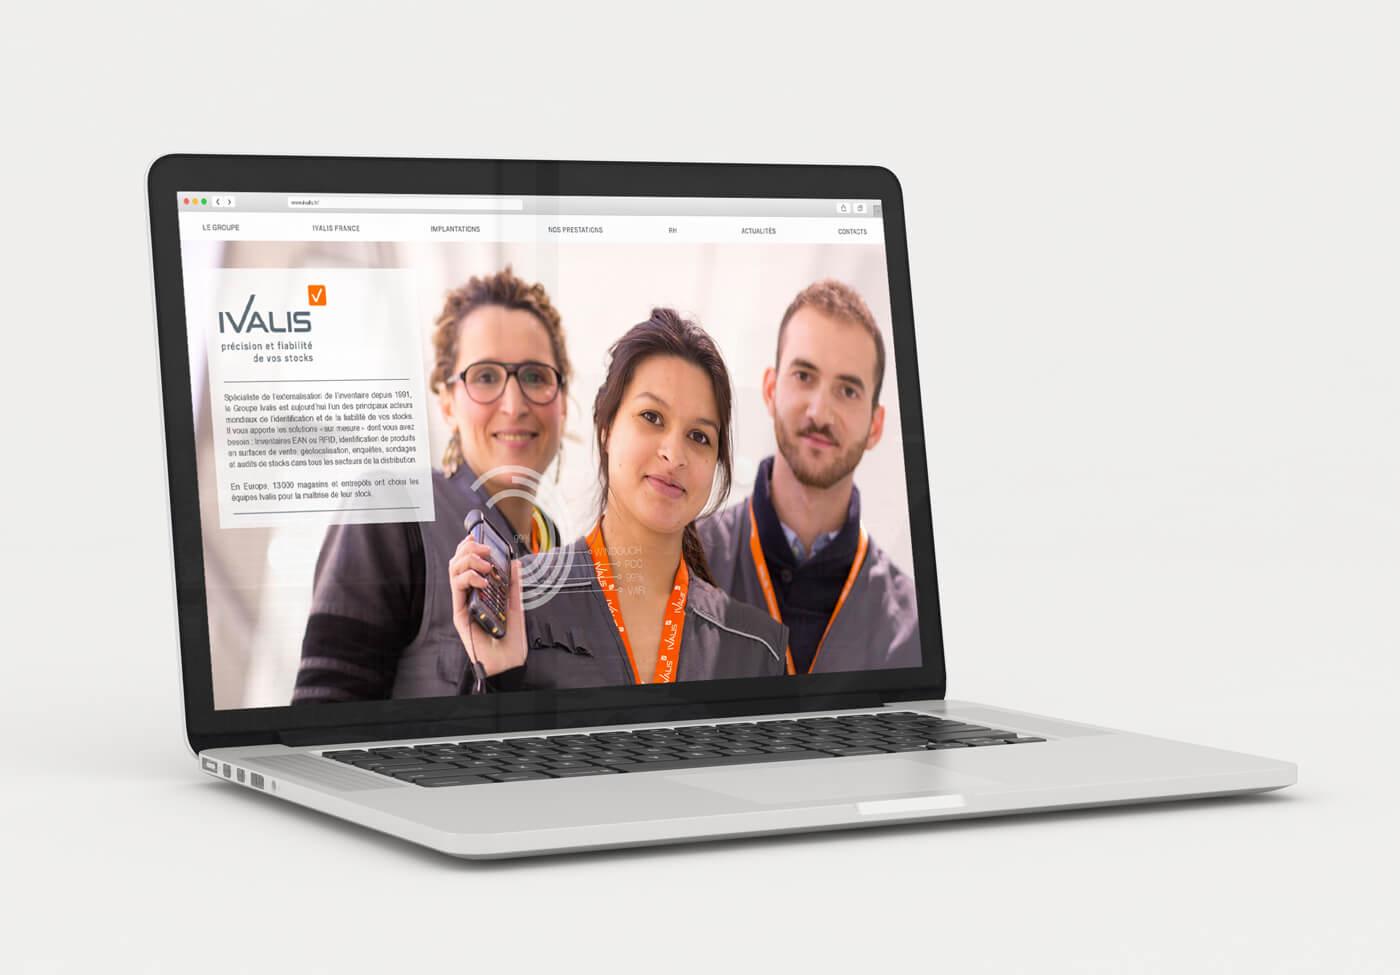 Ivalis - spécialiste de l'inventaire - site internet